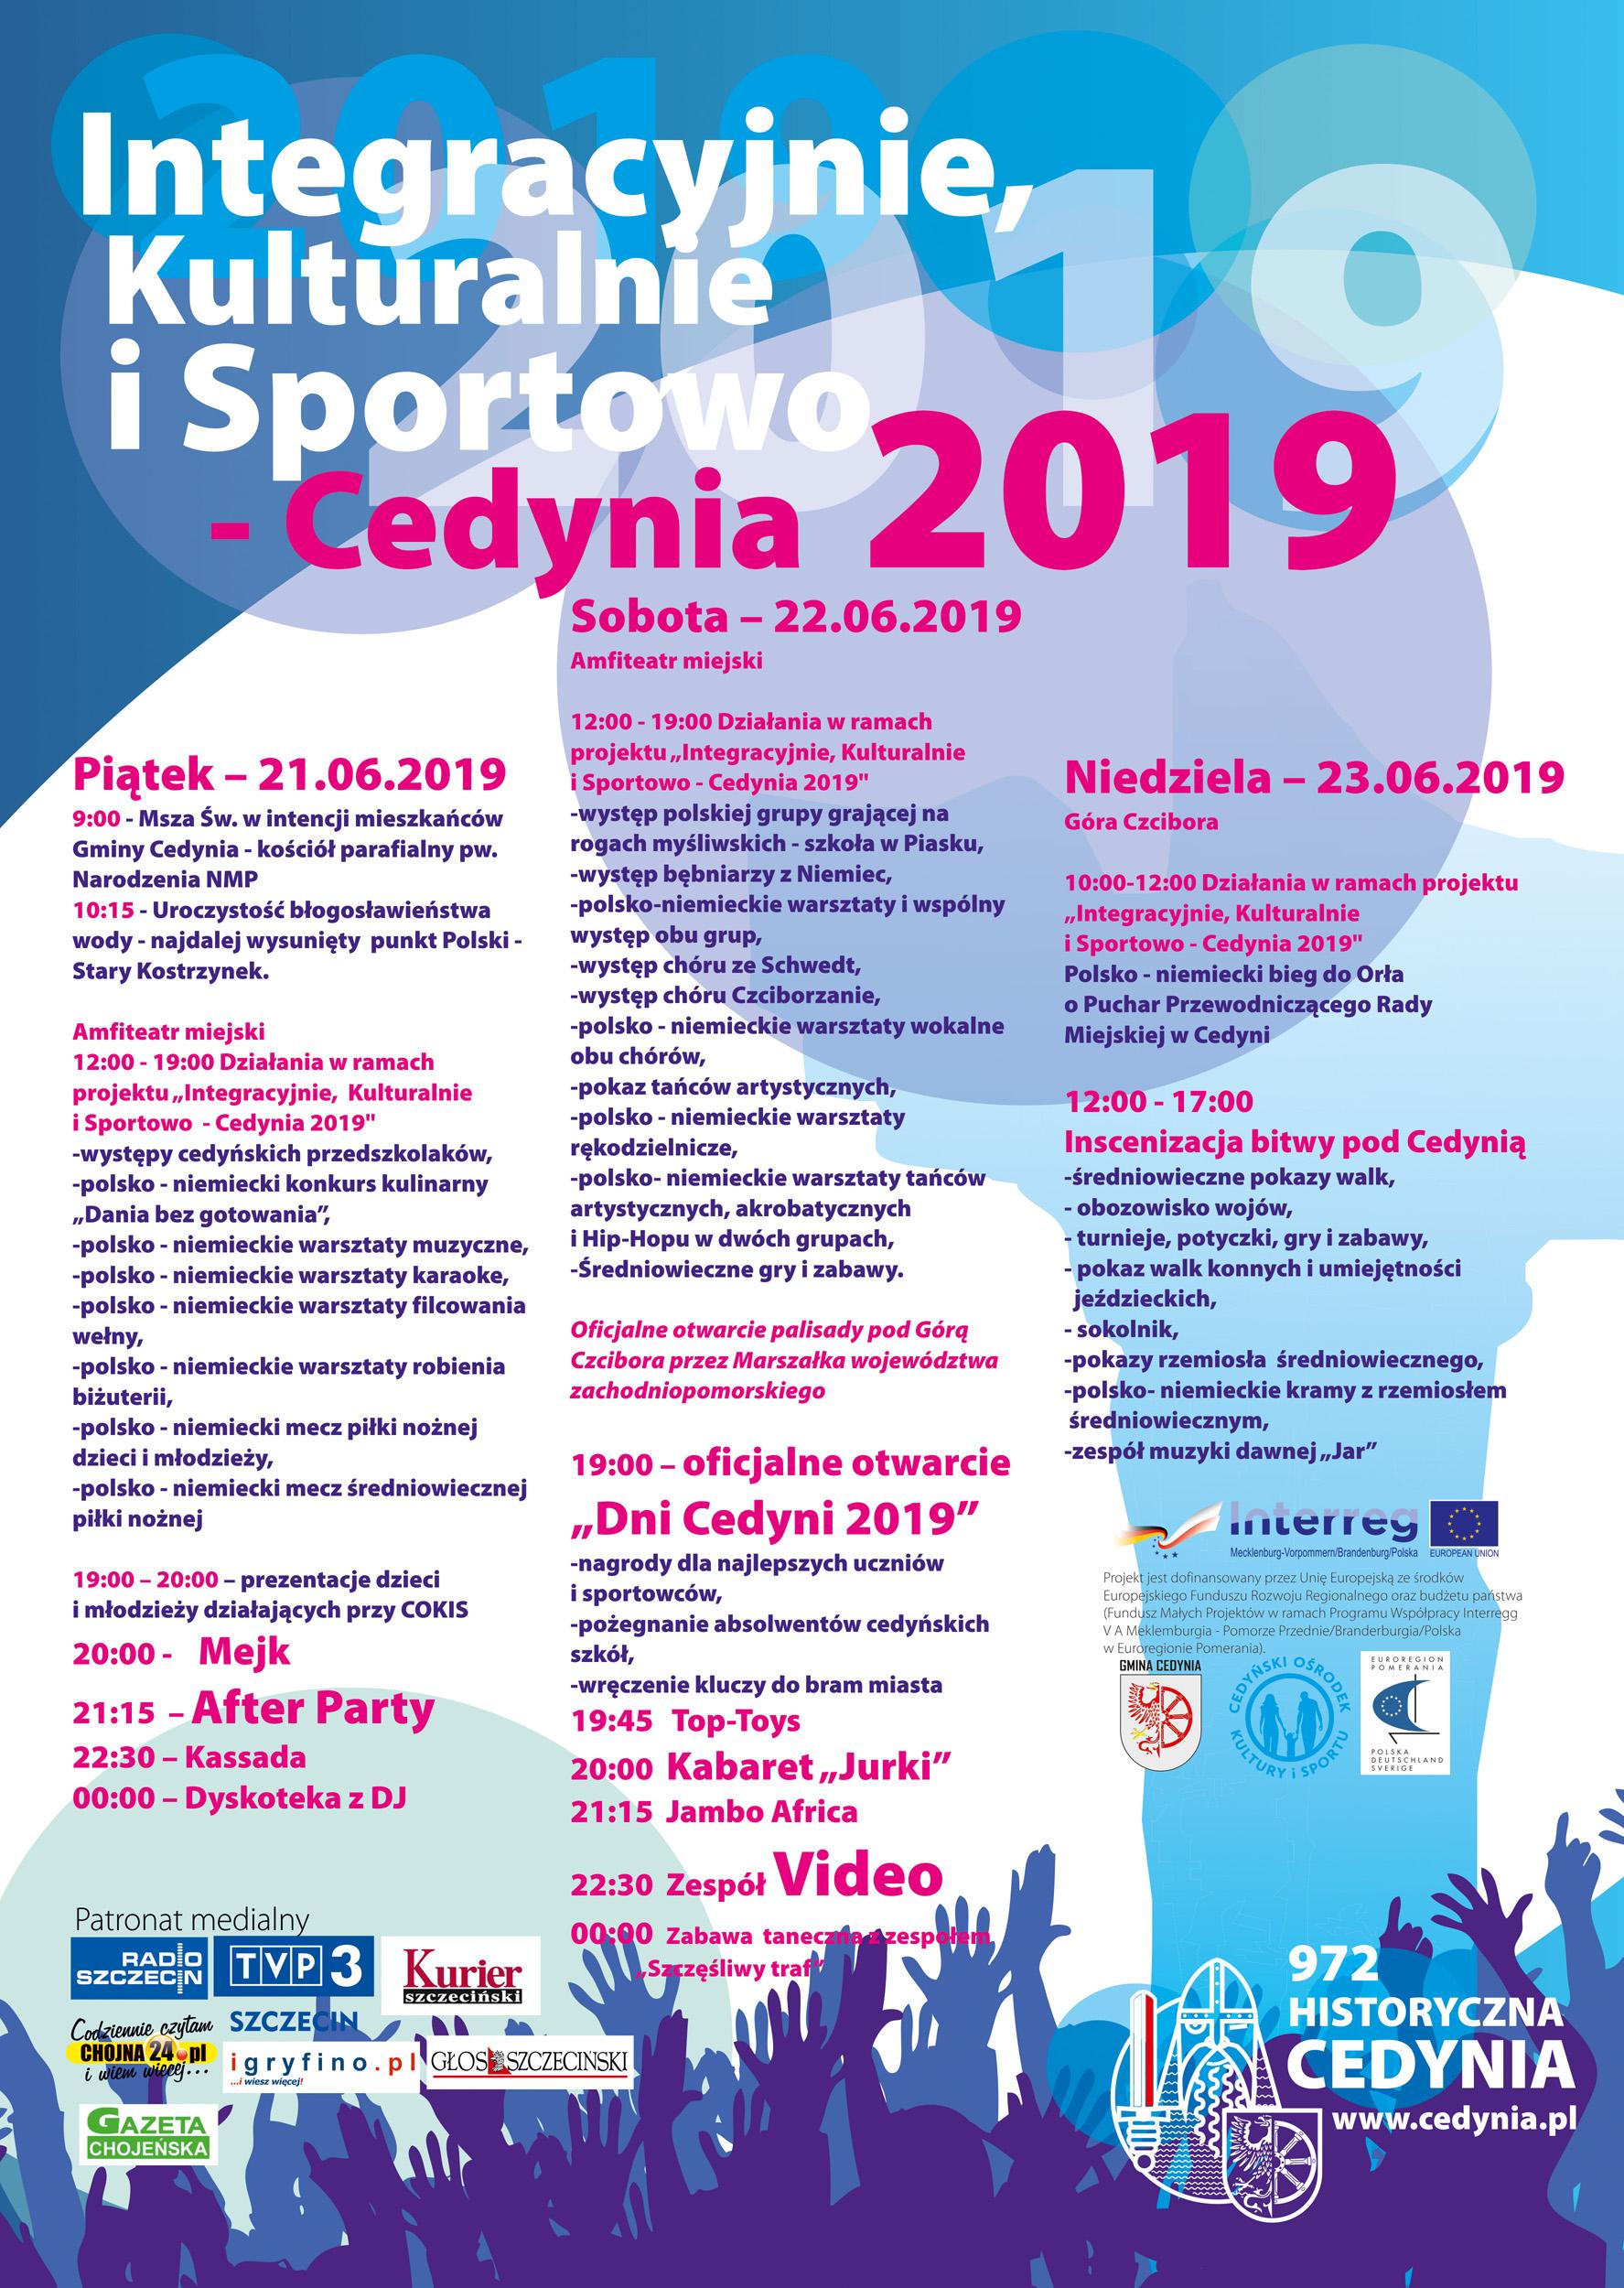 Dni Cedyni 2019 - program